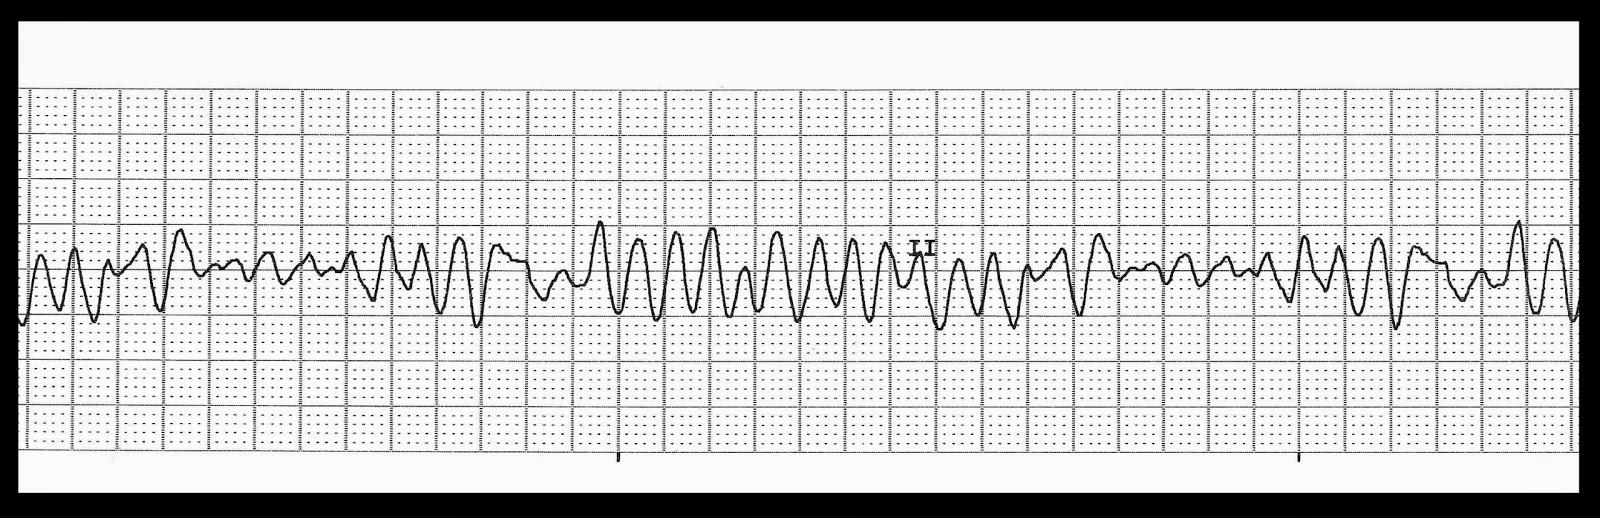 Pin Polymorphic Ventricular Tachycardia Torsades De ...